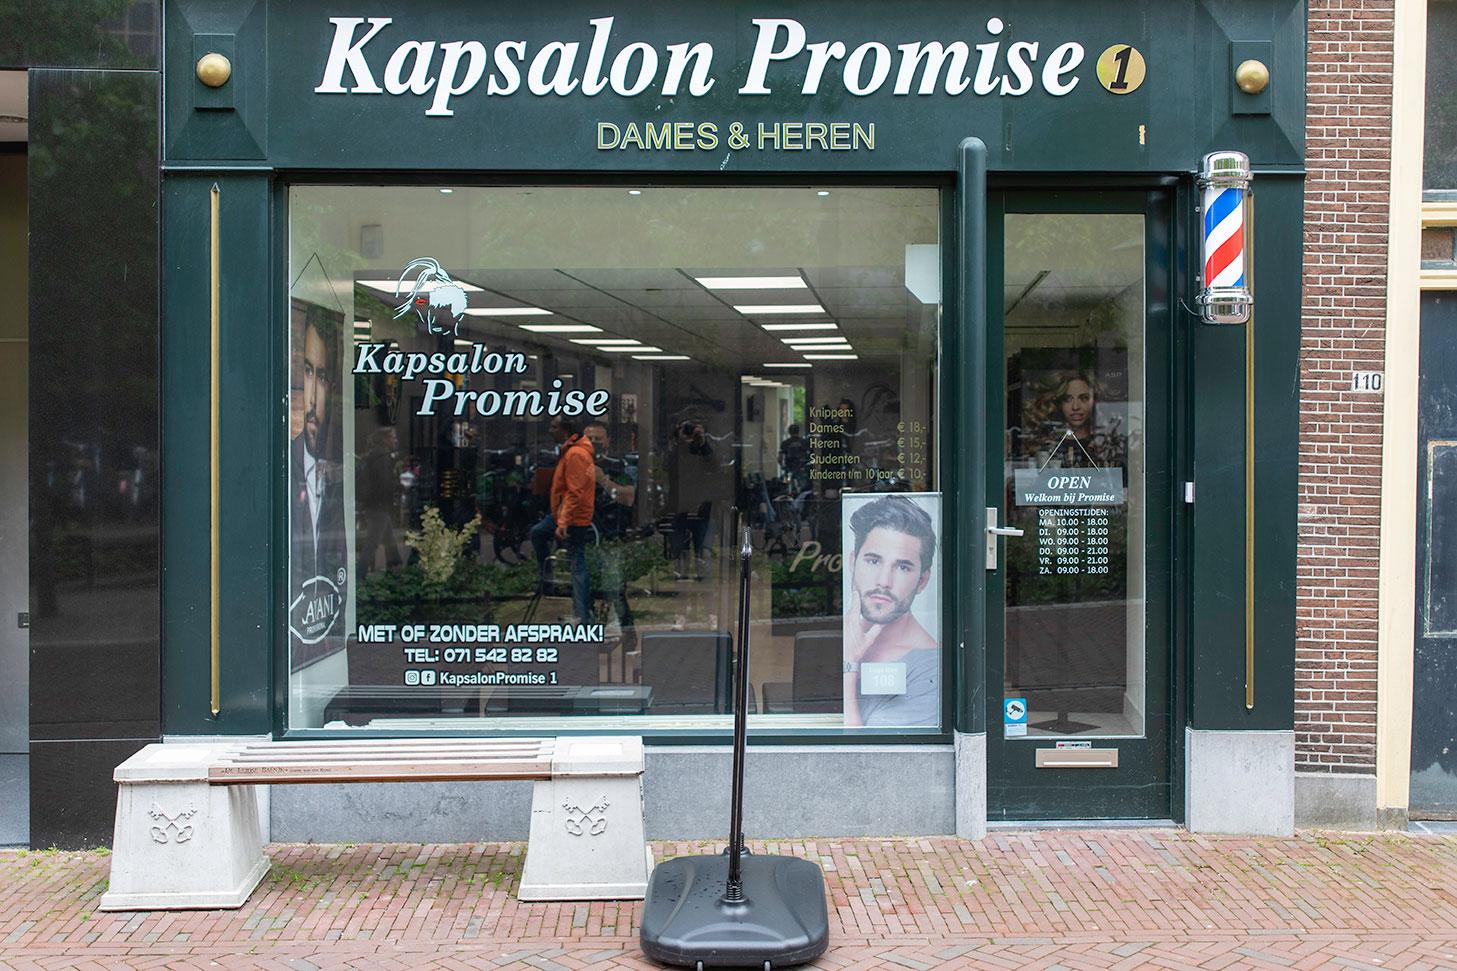 Kapsalon Promise